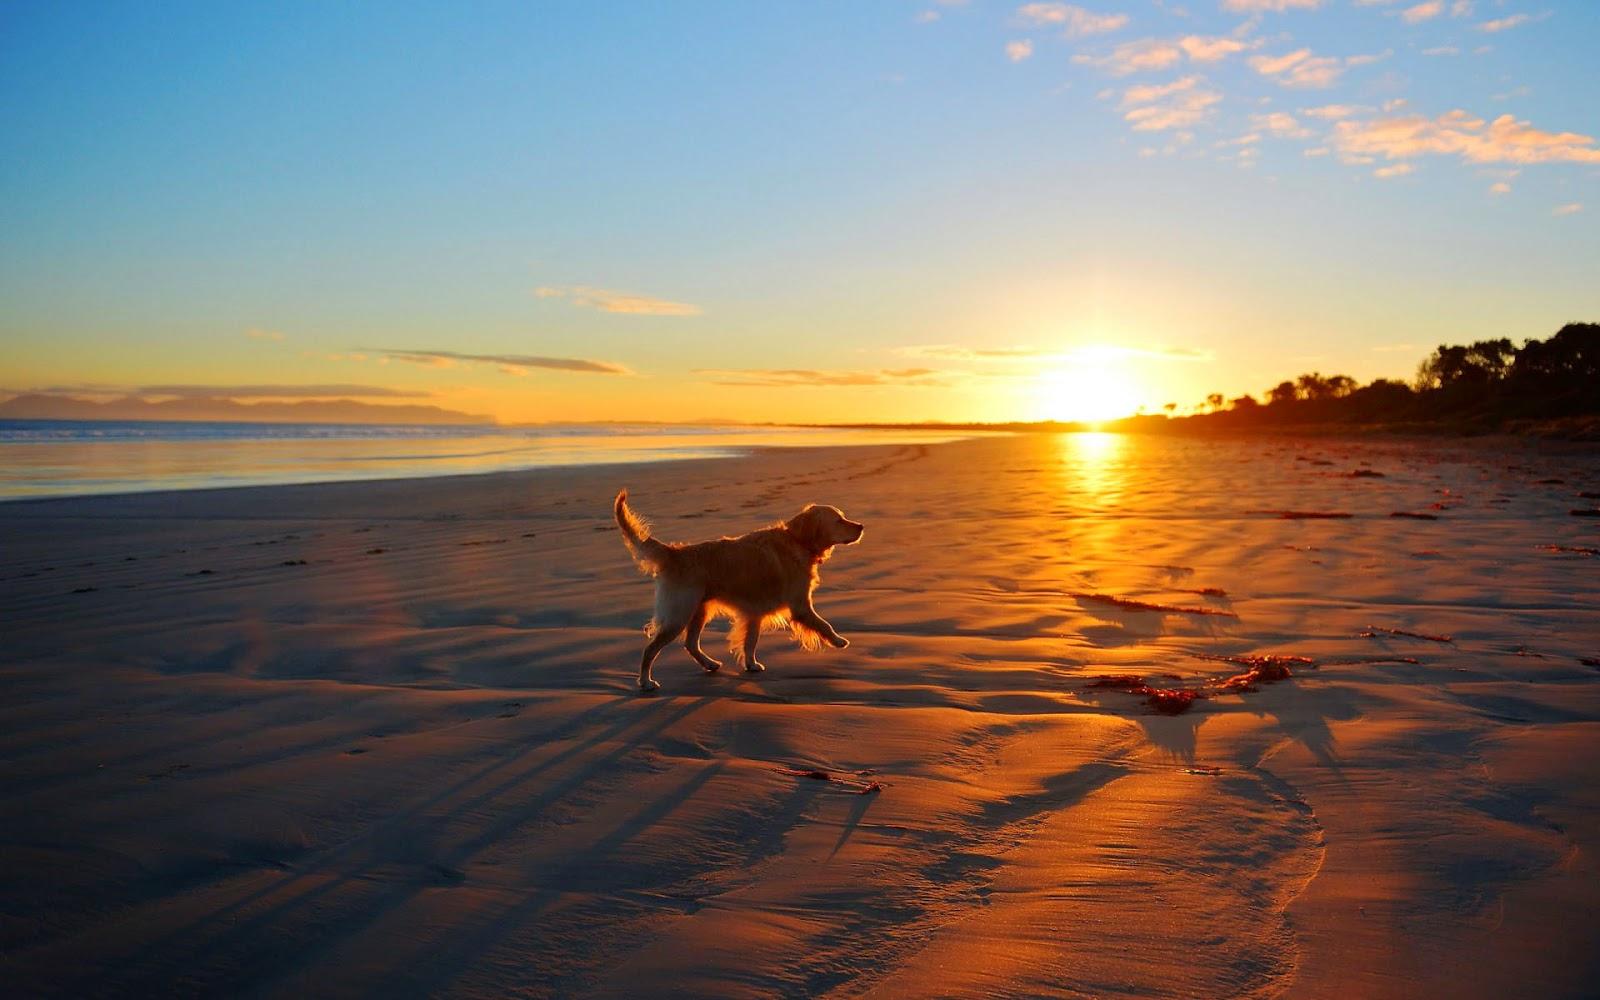 Hond op het strand tijdens zonsondergang